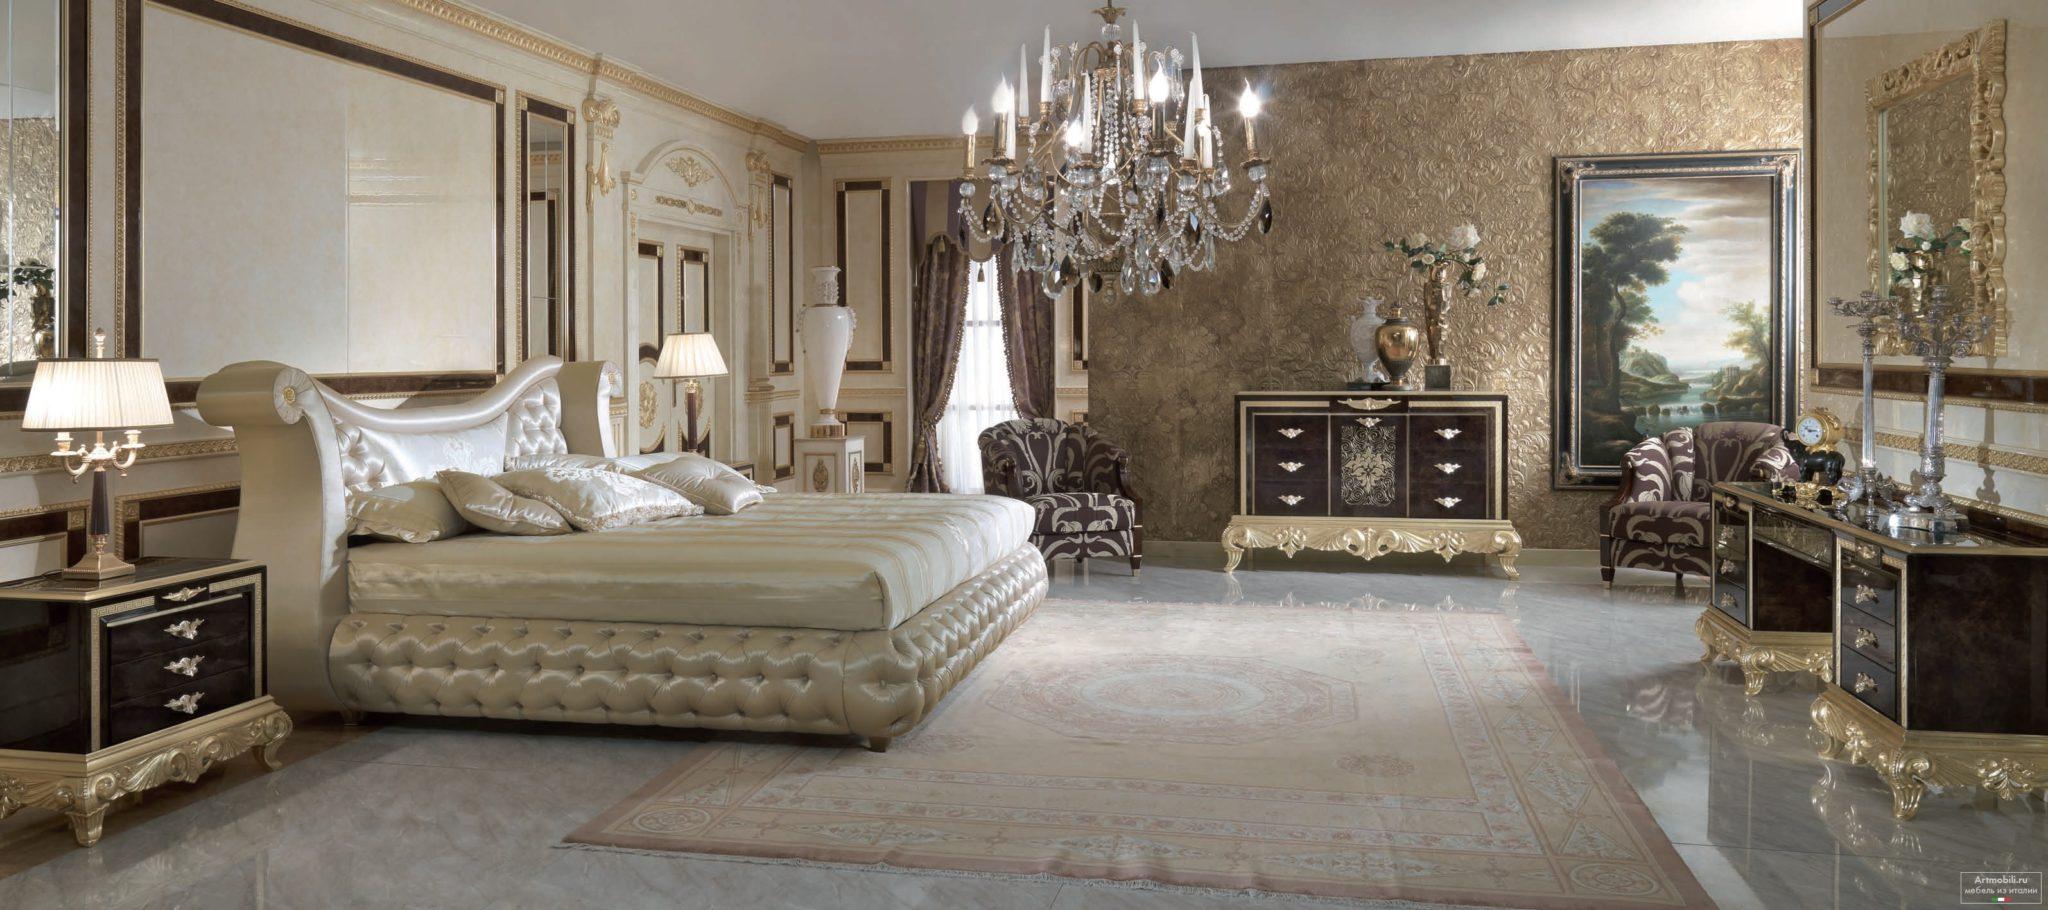 Дизайн интерьера. Дизайн спальни. Роскошная спальня